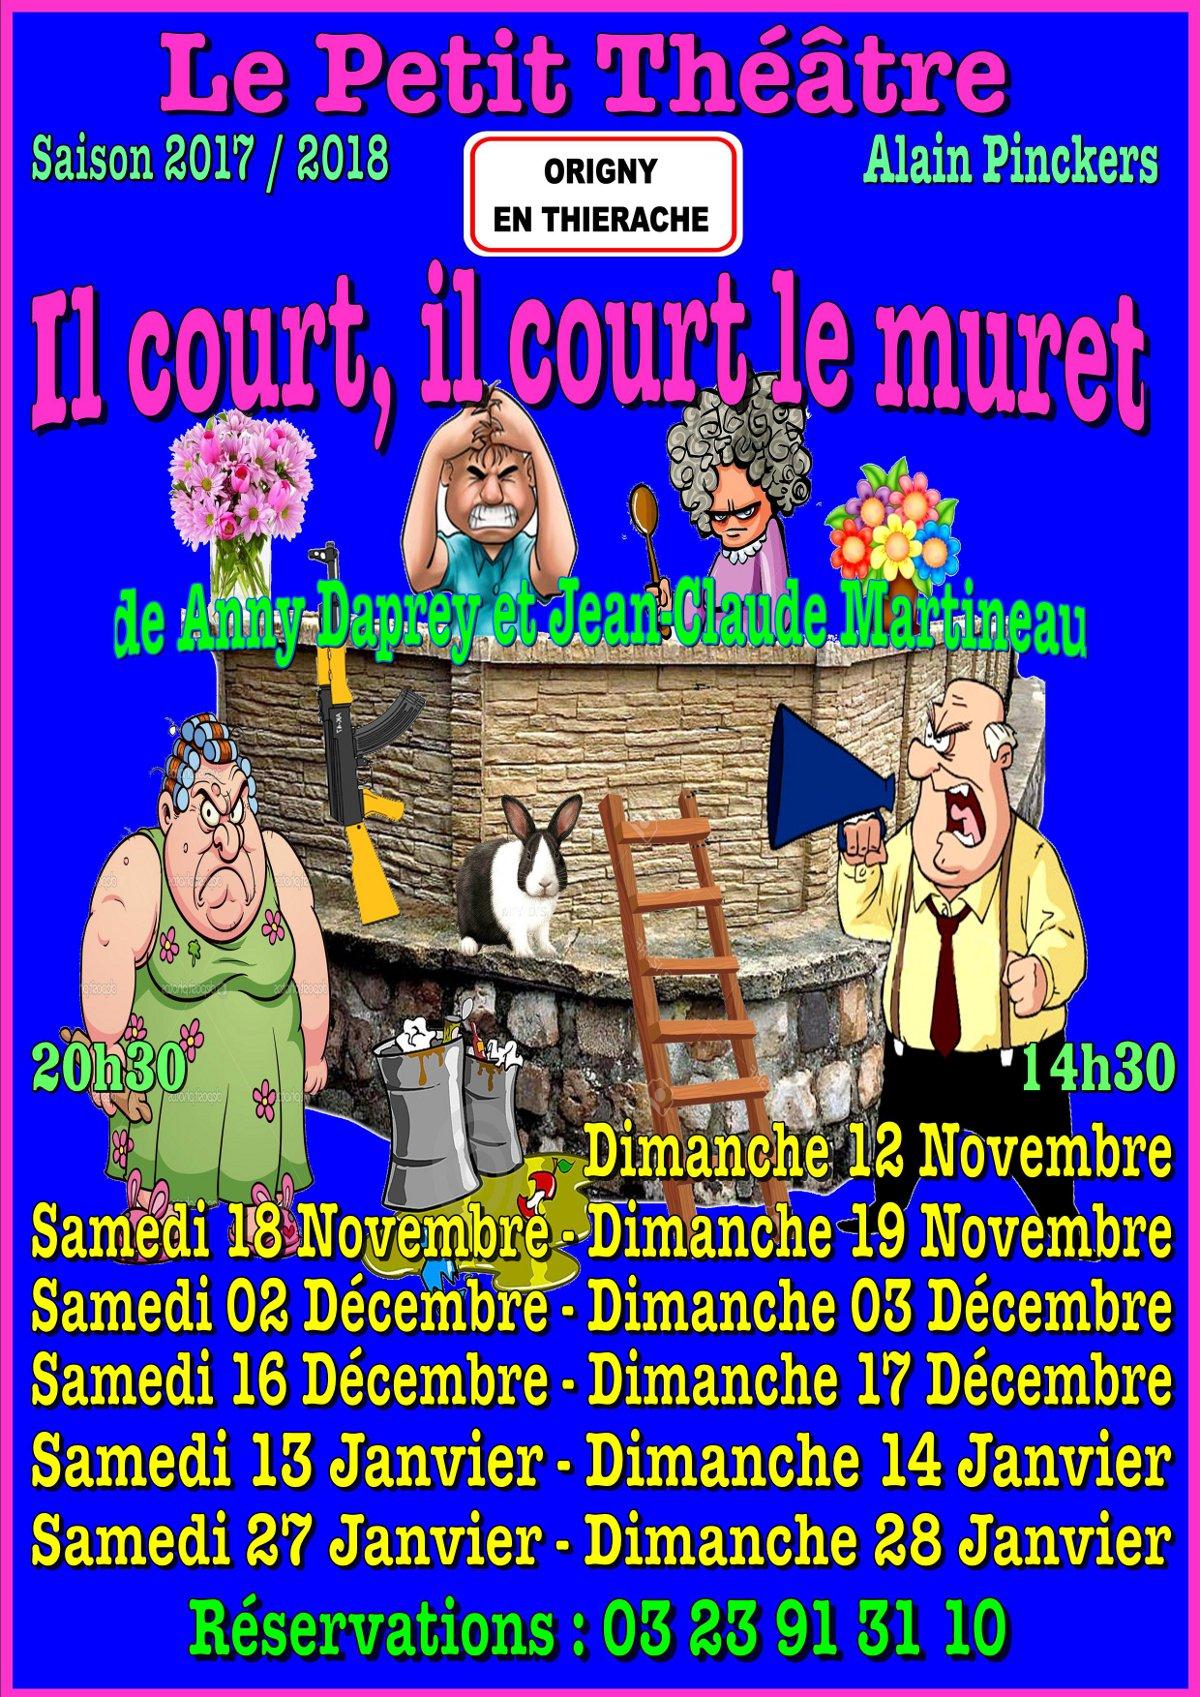 AFFICHE 2017-2018 - IL COURT IL COURT LE MURET - FOND BLEU - CLIPART - 11 DATES